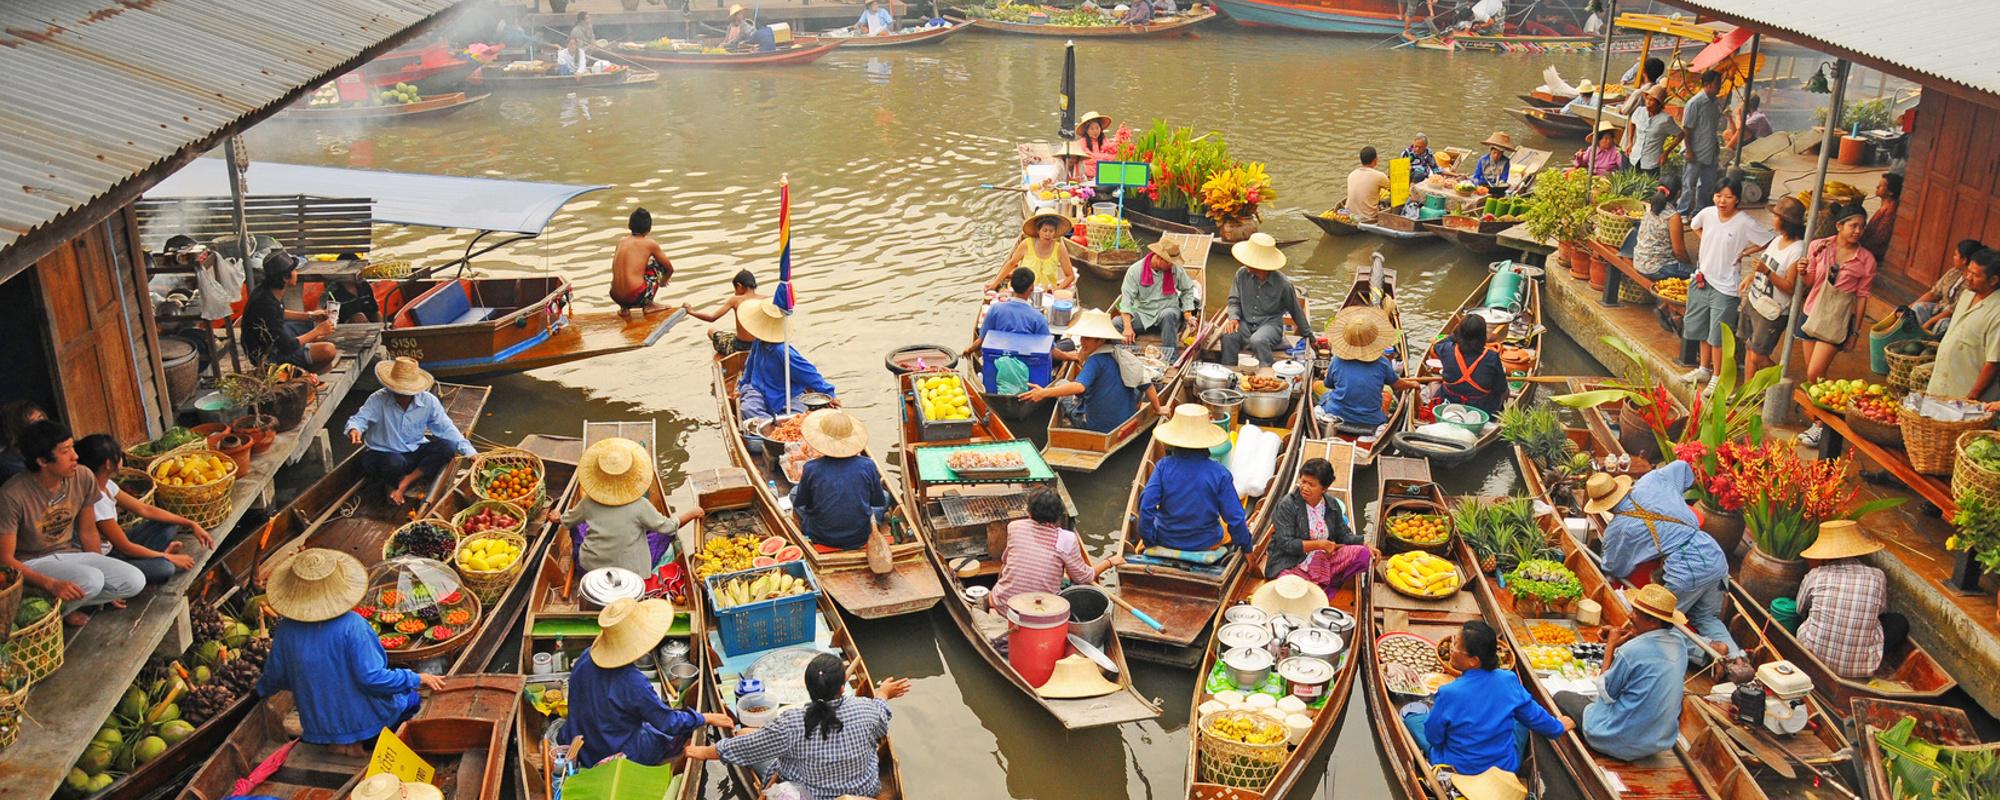 łodzie na rzece w azji - rynku docelowego wielu polskich eksporterów